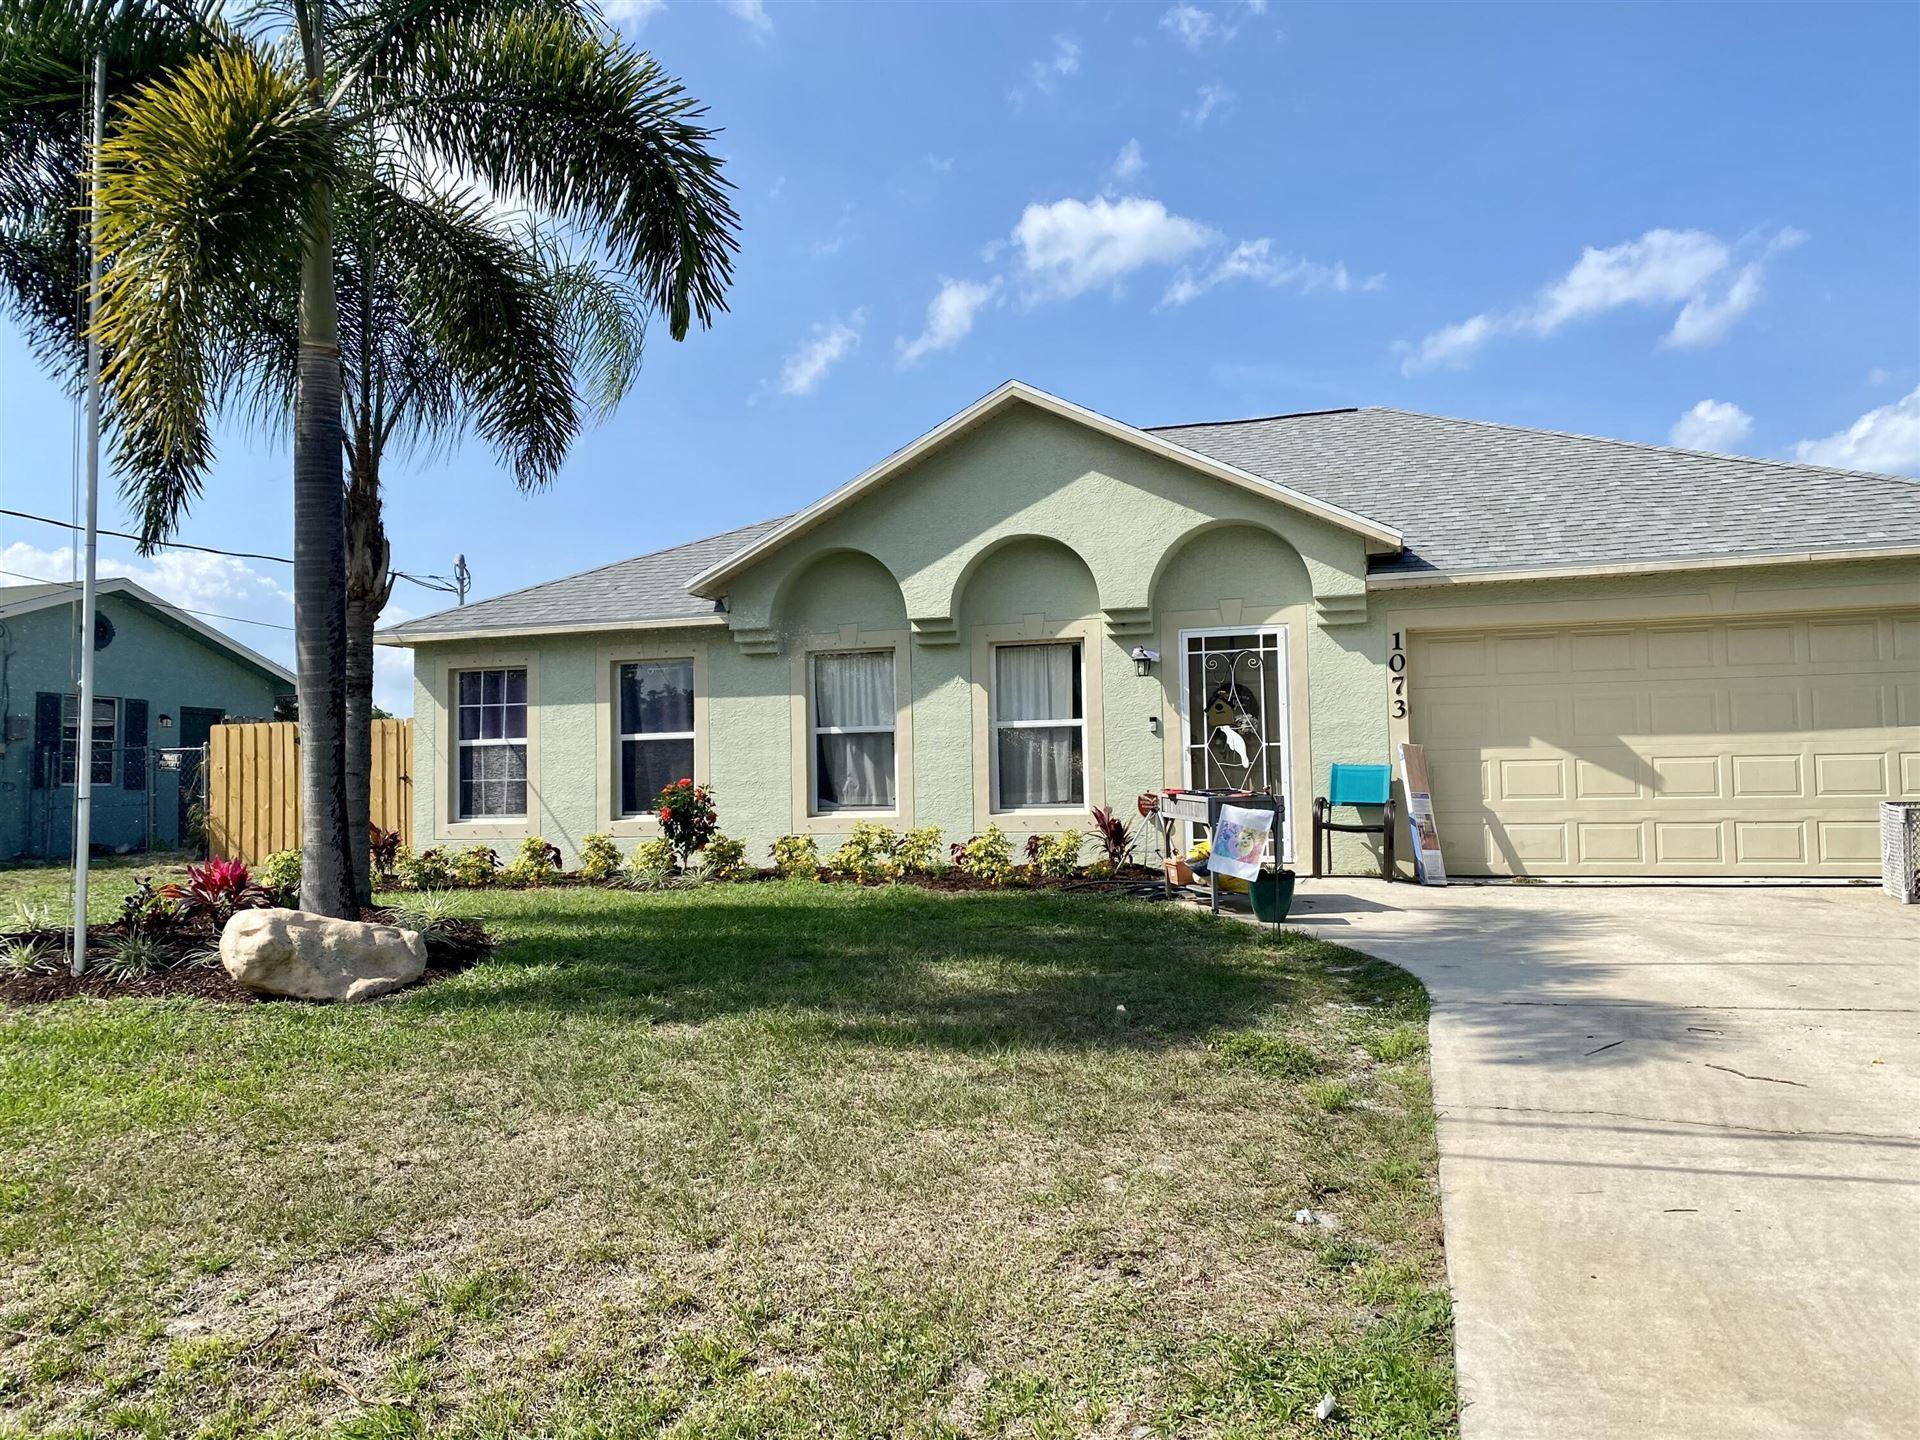 1073 SE Lansdowne Avenue, Port Saint Lucie, FL 34983 - MLS#: RX-10716484